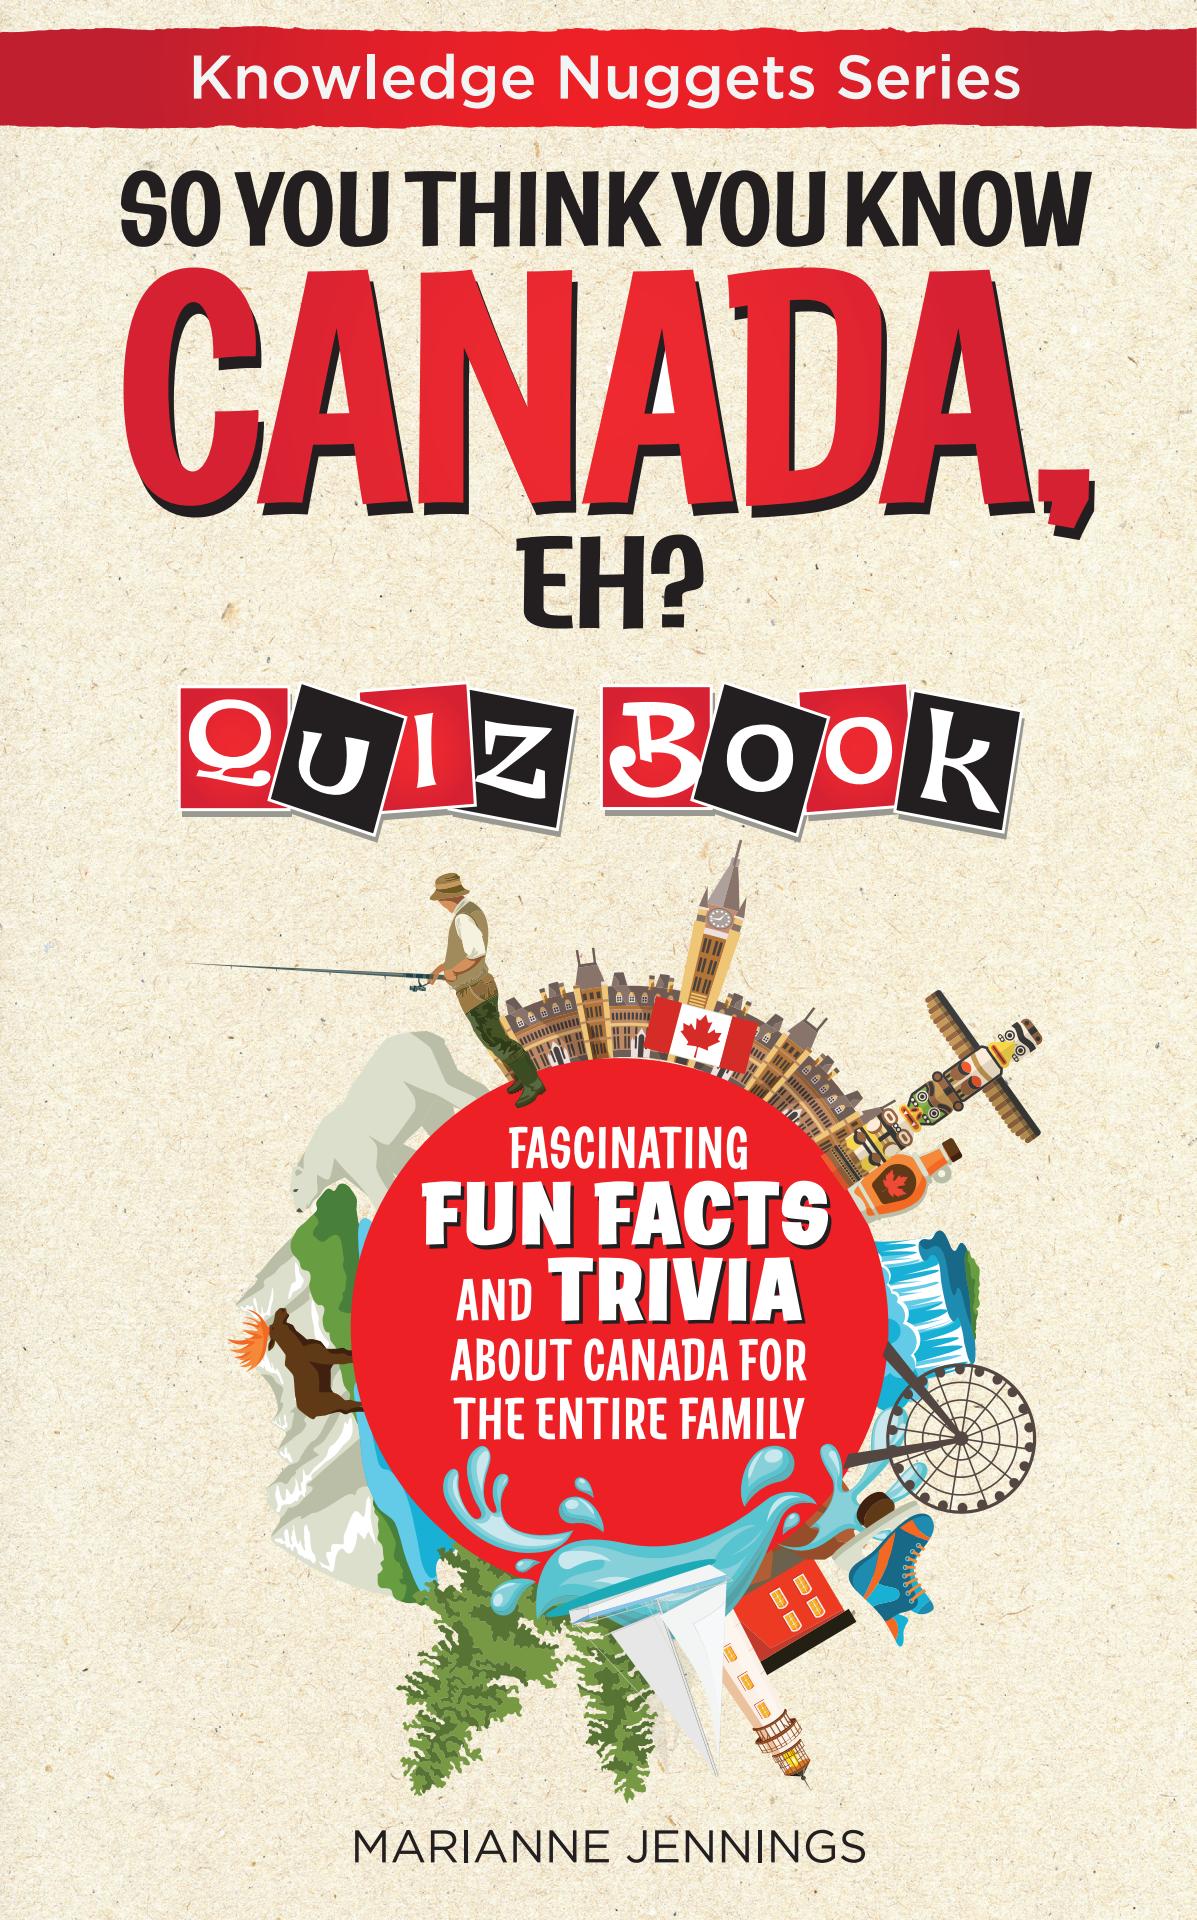 Use existing e-book cover to create companion quiz e-book cover